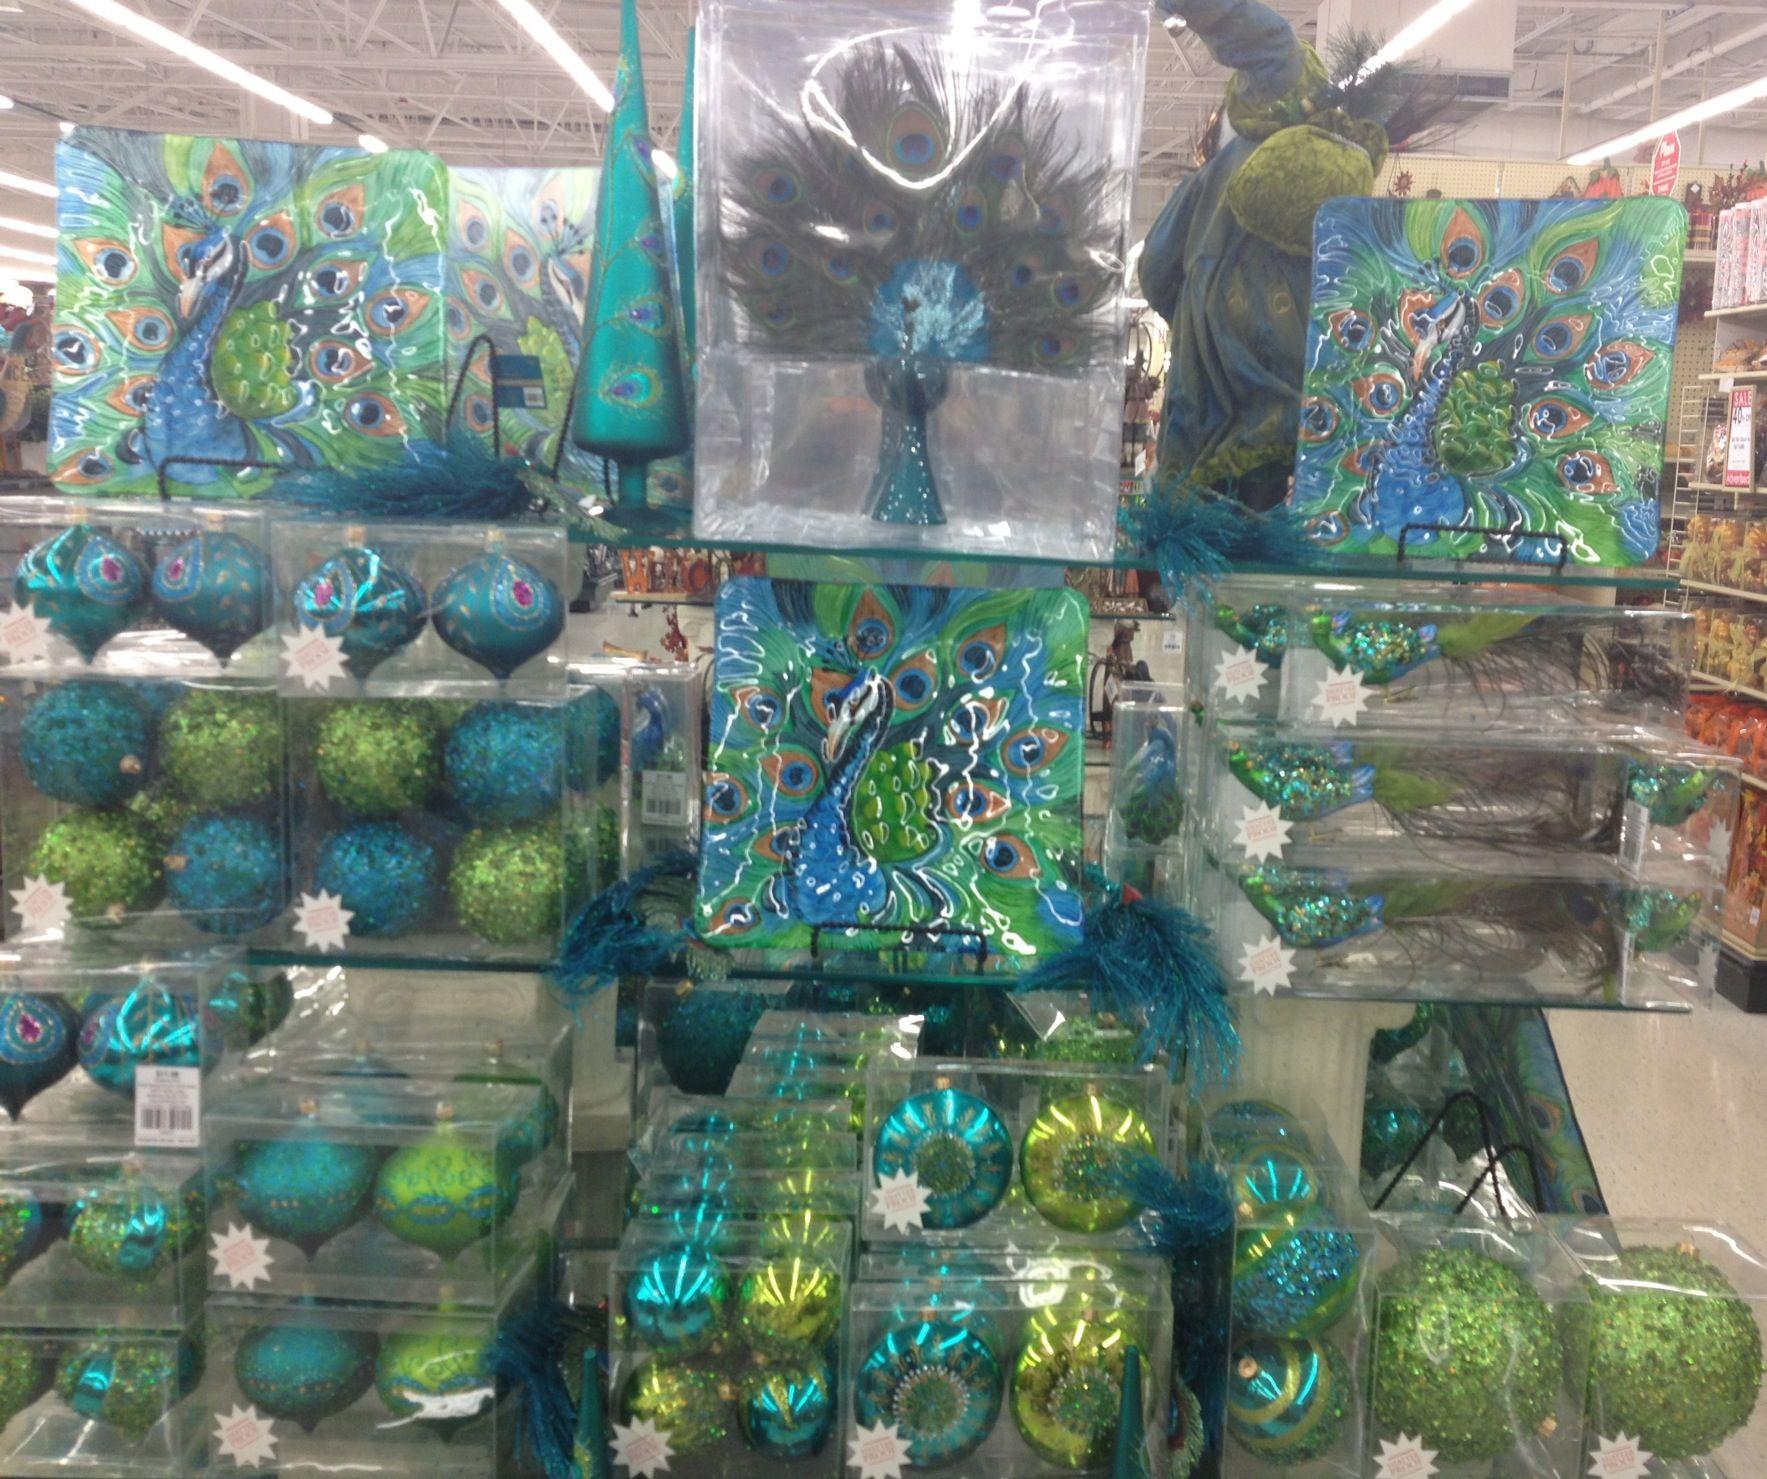 Hobby lobby glass ornaments - Peacock Holiday Decor Hobbylobby